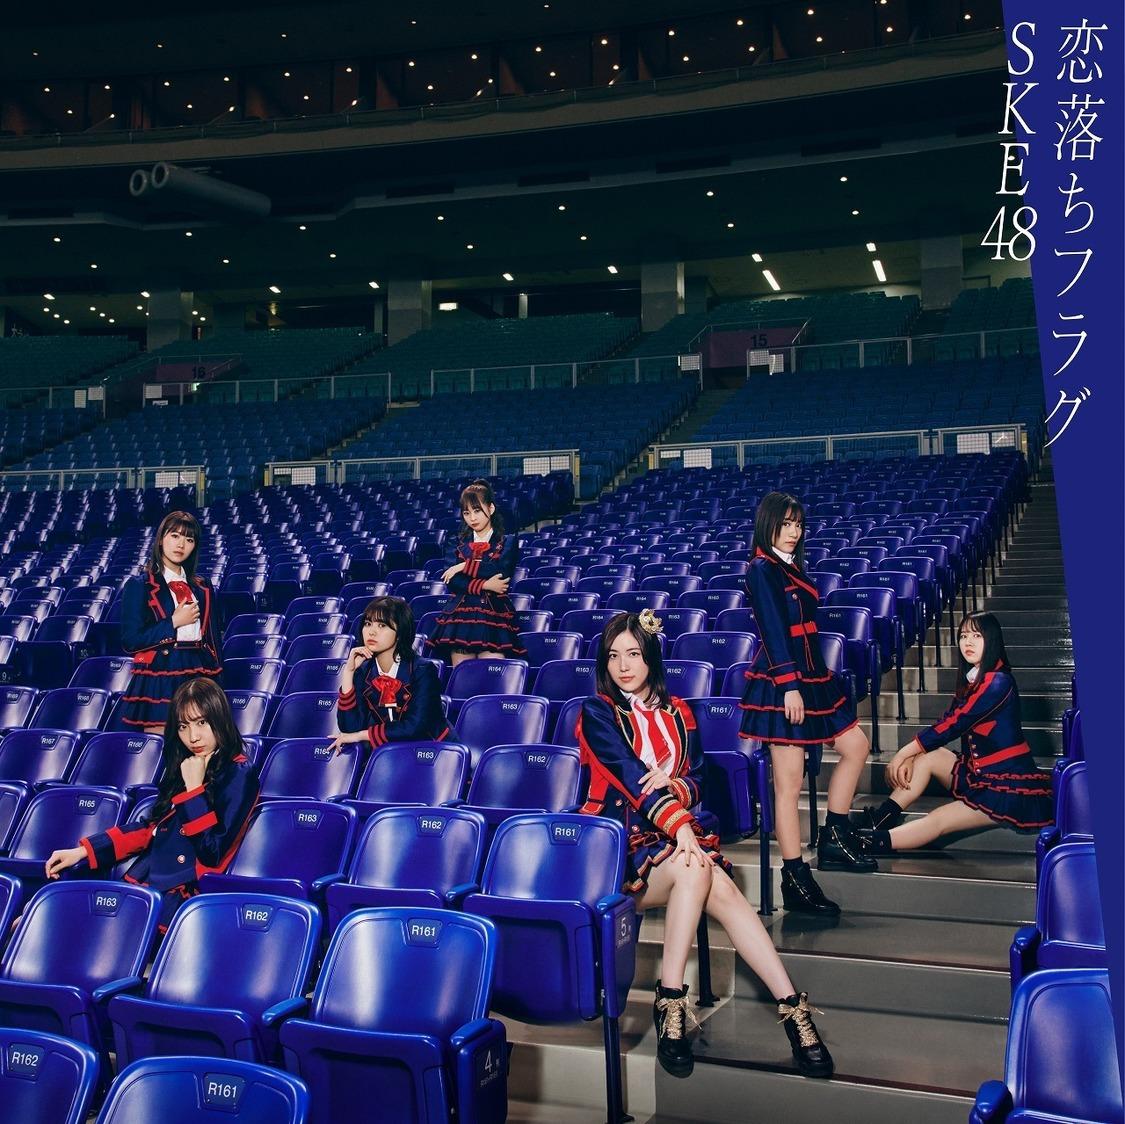 「恋落ちフラグ」【Type-A】初回盤